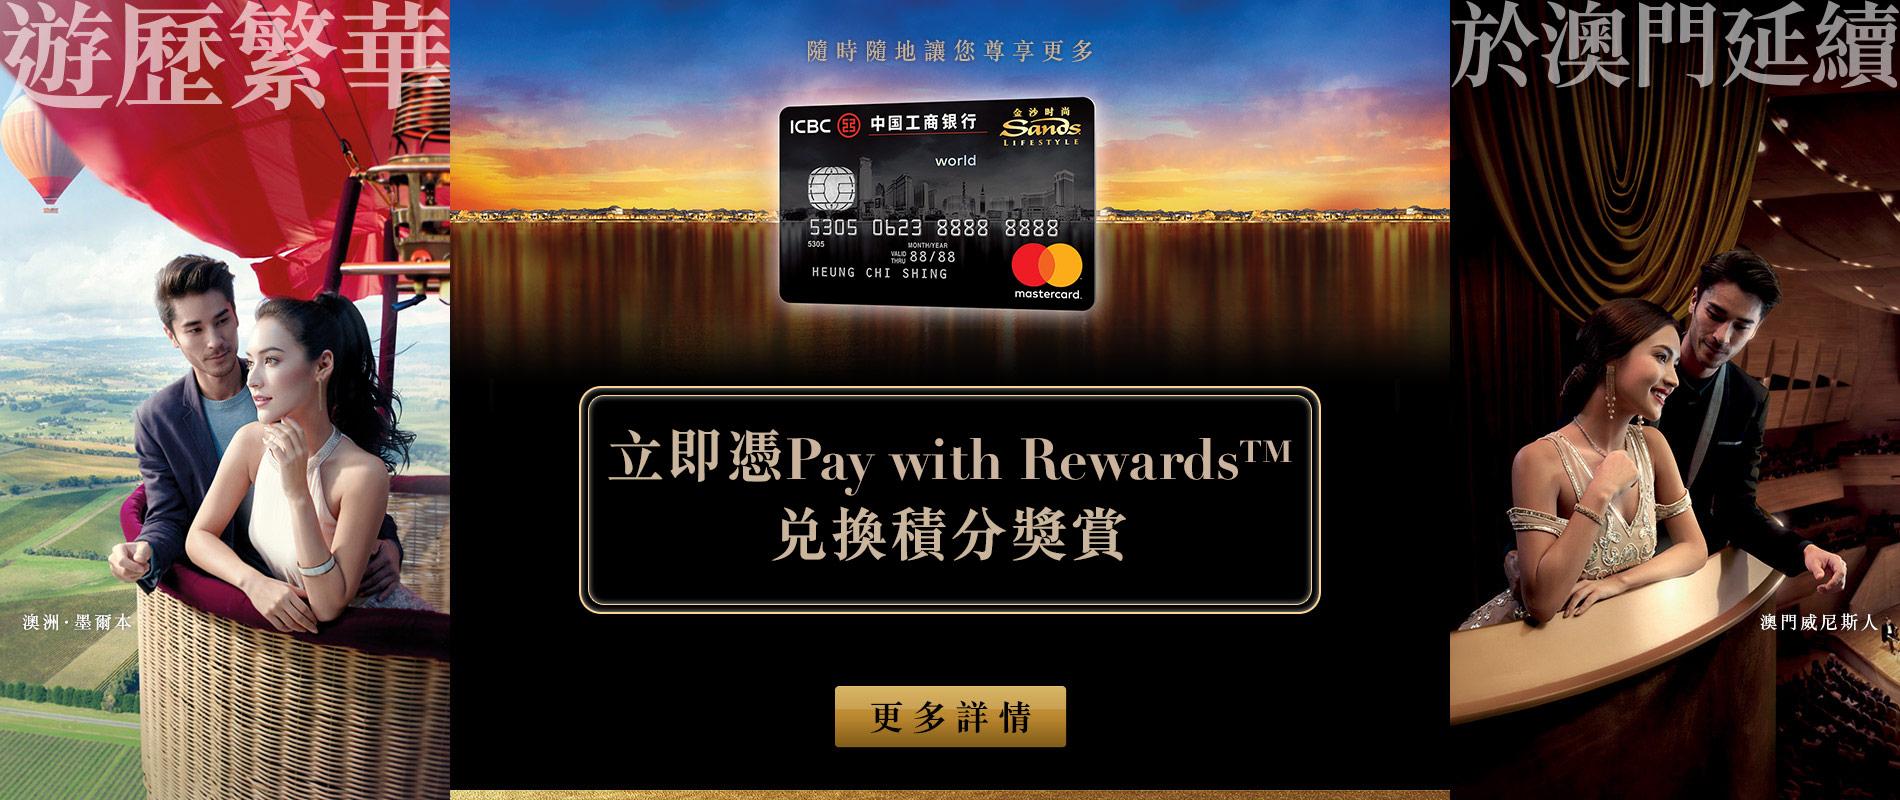 金沙時尚信用卡便捷積分兌換